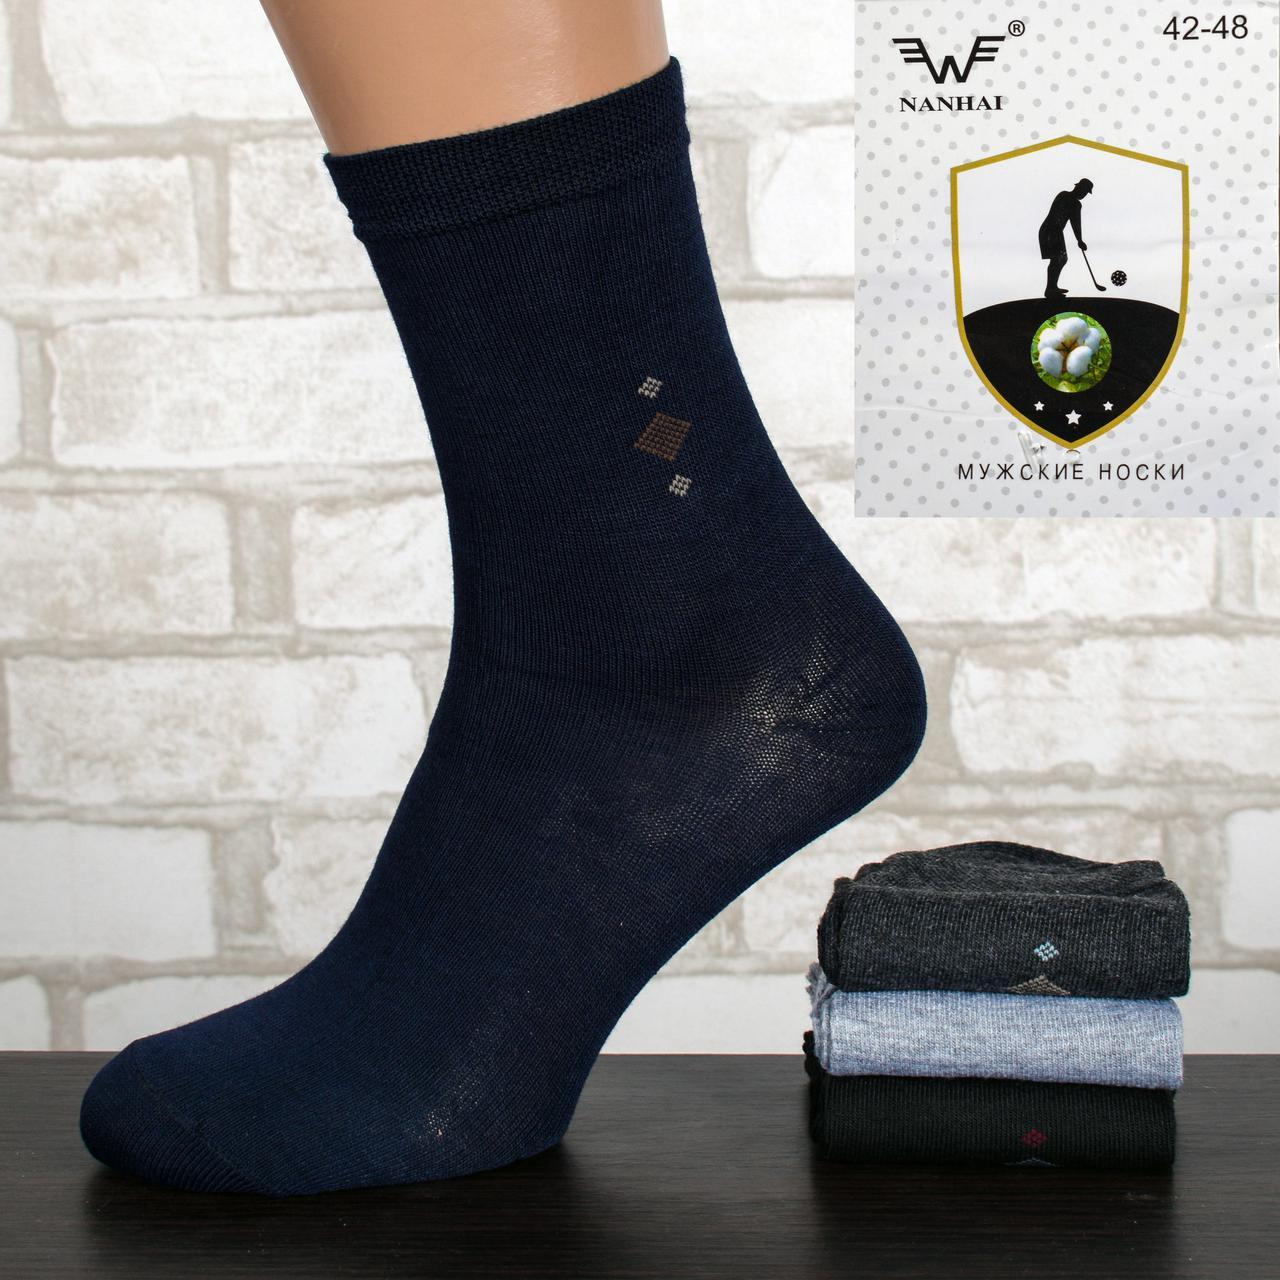 6a1d3a2c2f7d2 Мужские носки Nanhai A142. В упаковке 12 пар - Чулочно-носочная и  трикотажная фабрика